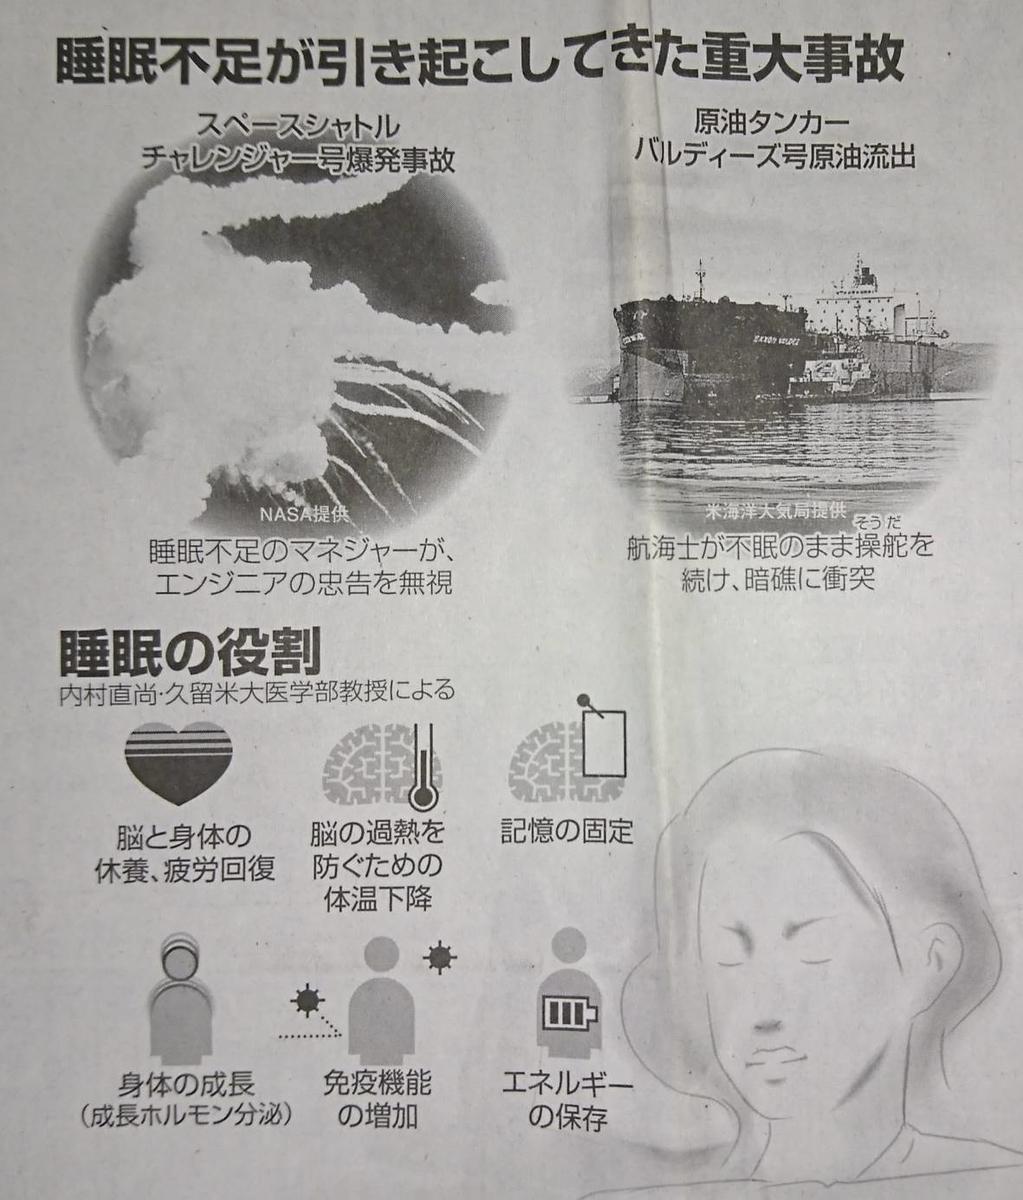 f:id:kazura-kobayashi:20200613135220j:plain